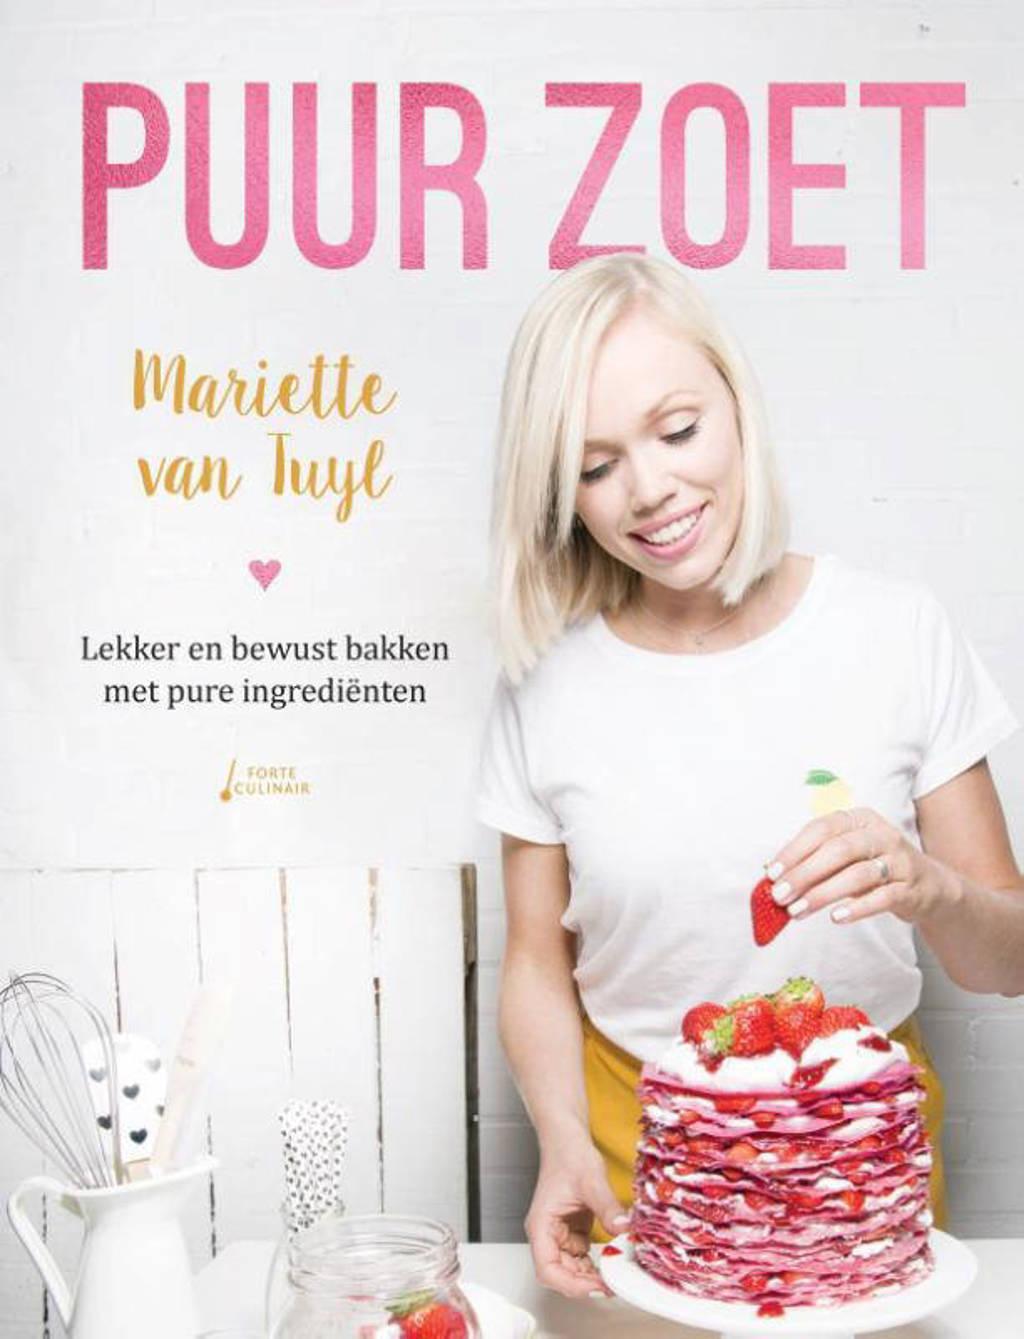 Puur zoet - Mariette van Tuyl